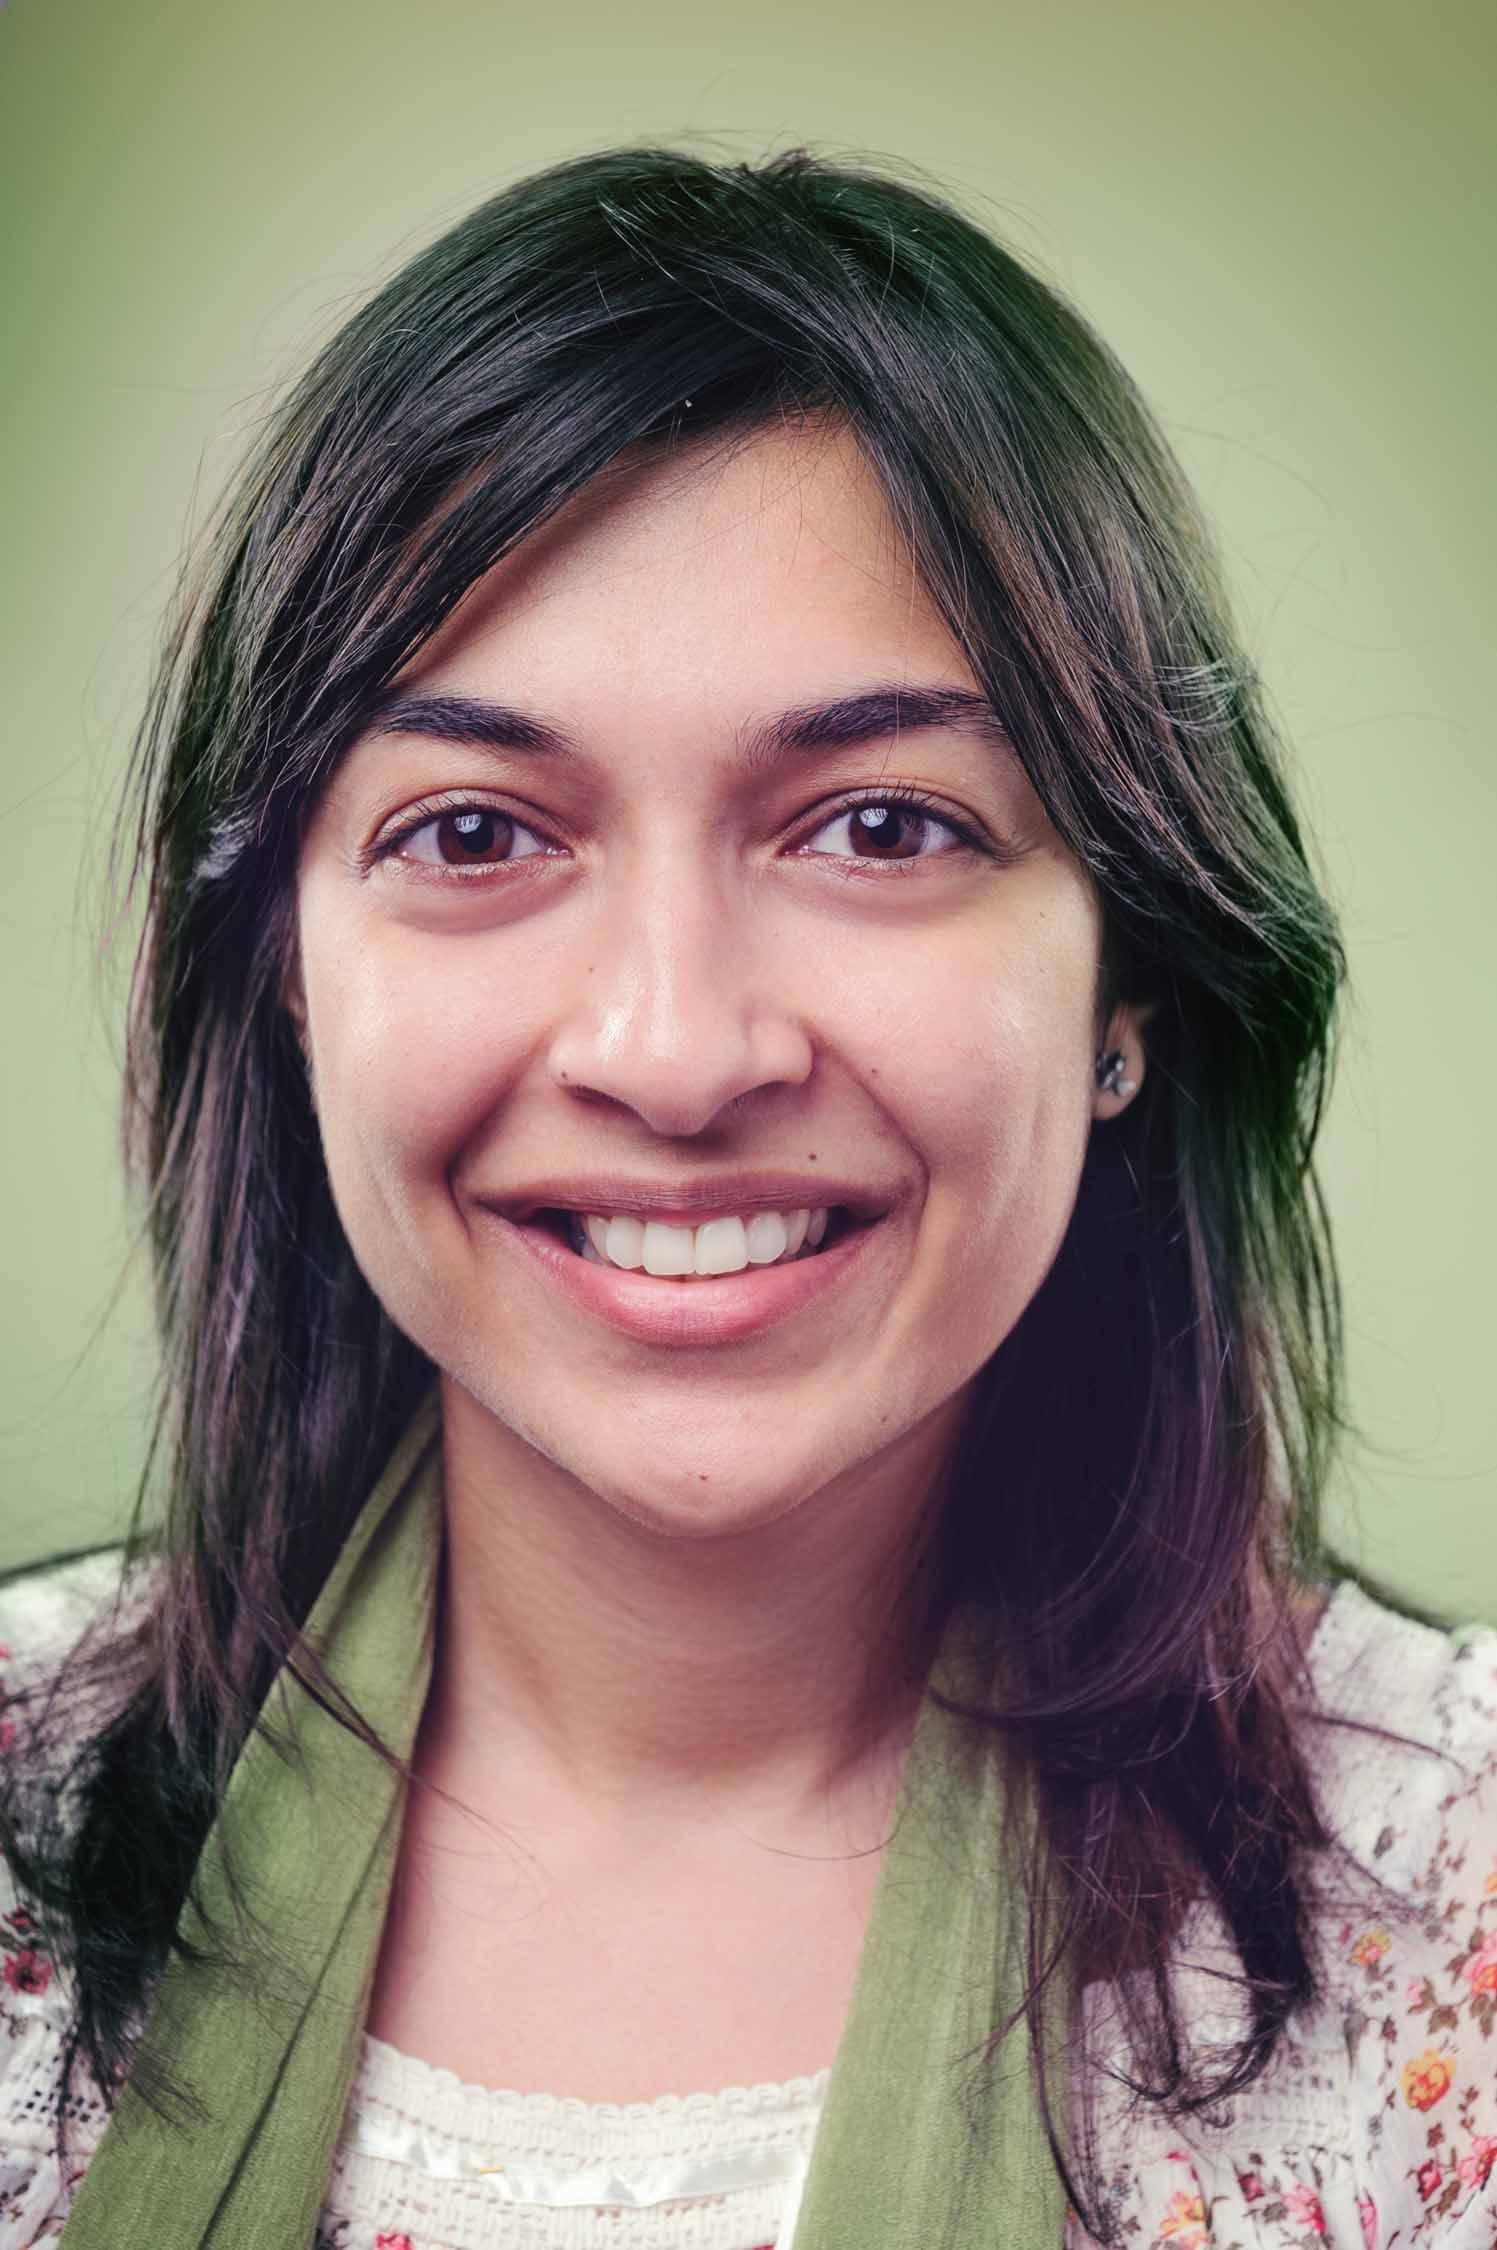 Phoebe Lopez